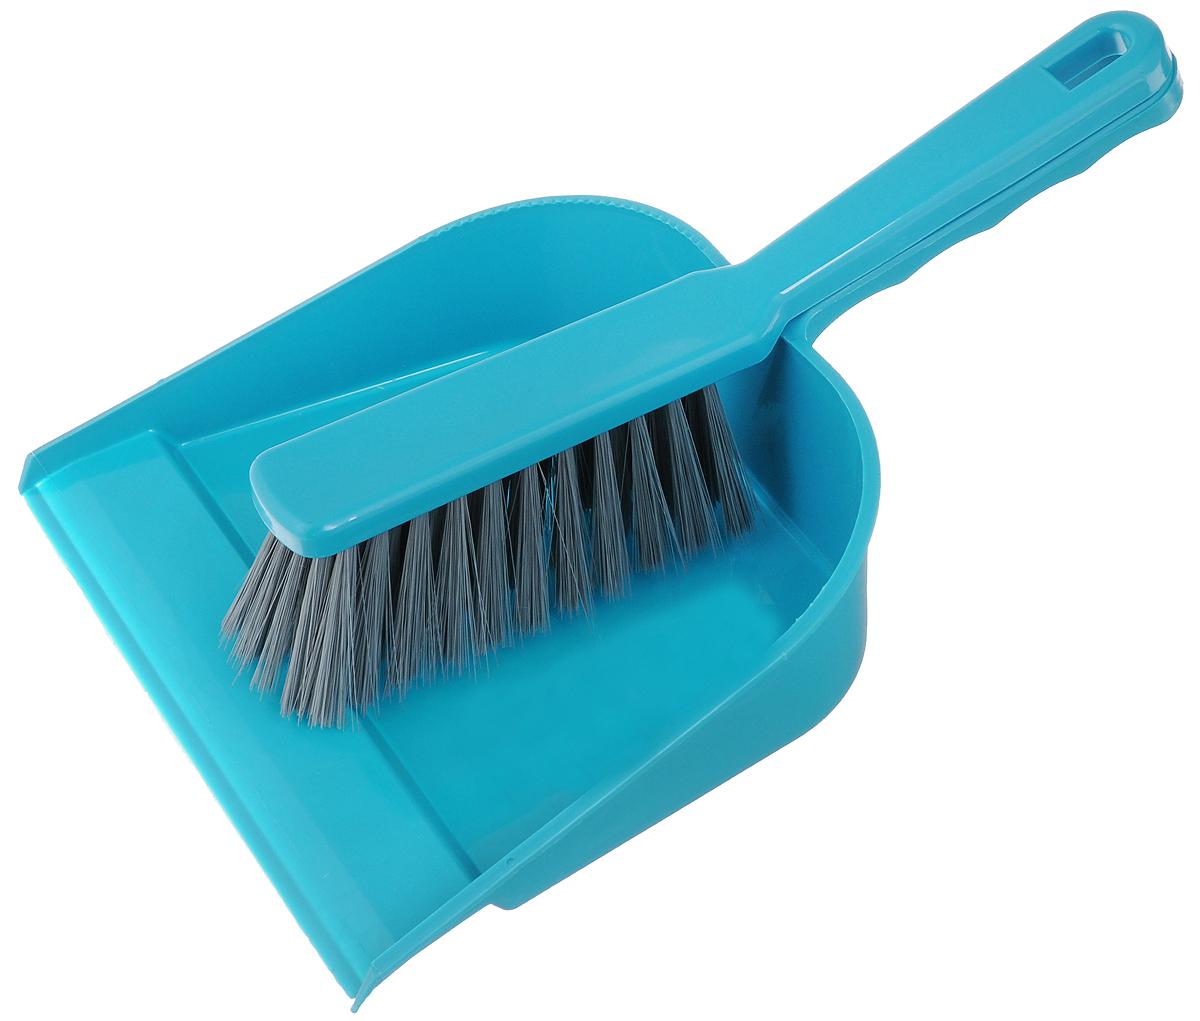 Набор для уборки York, цвет: бирюзовый, серый, 2 шт. 62016201_бирюзовый, серыйНабор York, изготовленный из высококачественного полипропилена и полиэтилентерефталат (ПЭТ), состоит из совка и щетки-сметки. Вместительный совок удерживает собранный мусор, позволяет эффективно и быстро совершать уборку в любом помещении. Щетка-сметка имеет удобную форму, позволяет вымести мусор даже из труднодоступных мест. Совок и щетка-сметка оснащены ручками с отверстиями для подвешивания. С набором York уборка станет легче и приятнее. Общая длина щетки-сметки: 26 см. Размер рабочей части щетки-сметки: 13 х 5 х 5 см. Длина совка: 31 см. Размер рабочей части совка: 22 х 17,5 х 5,5 см.